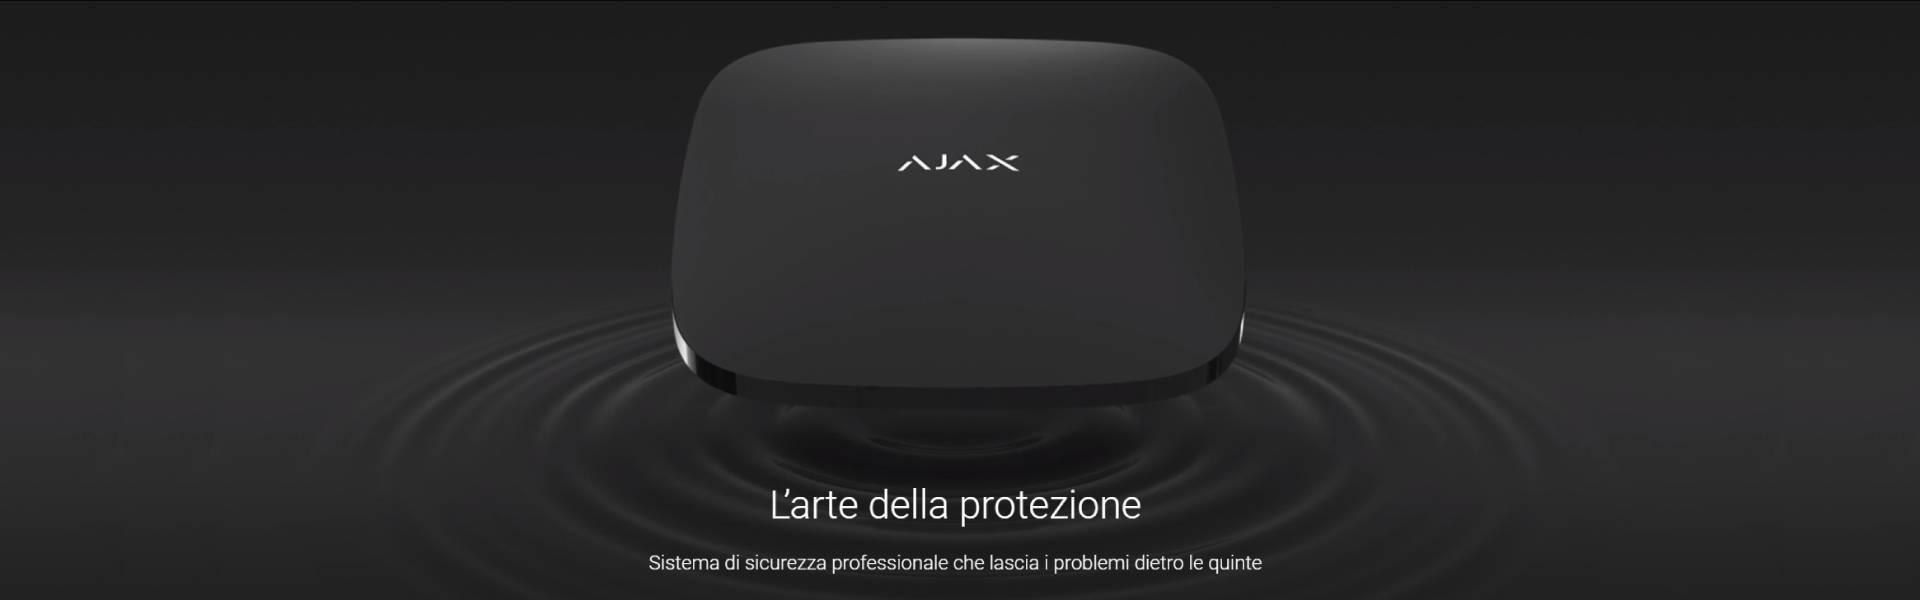 Slider_Ajax